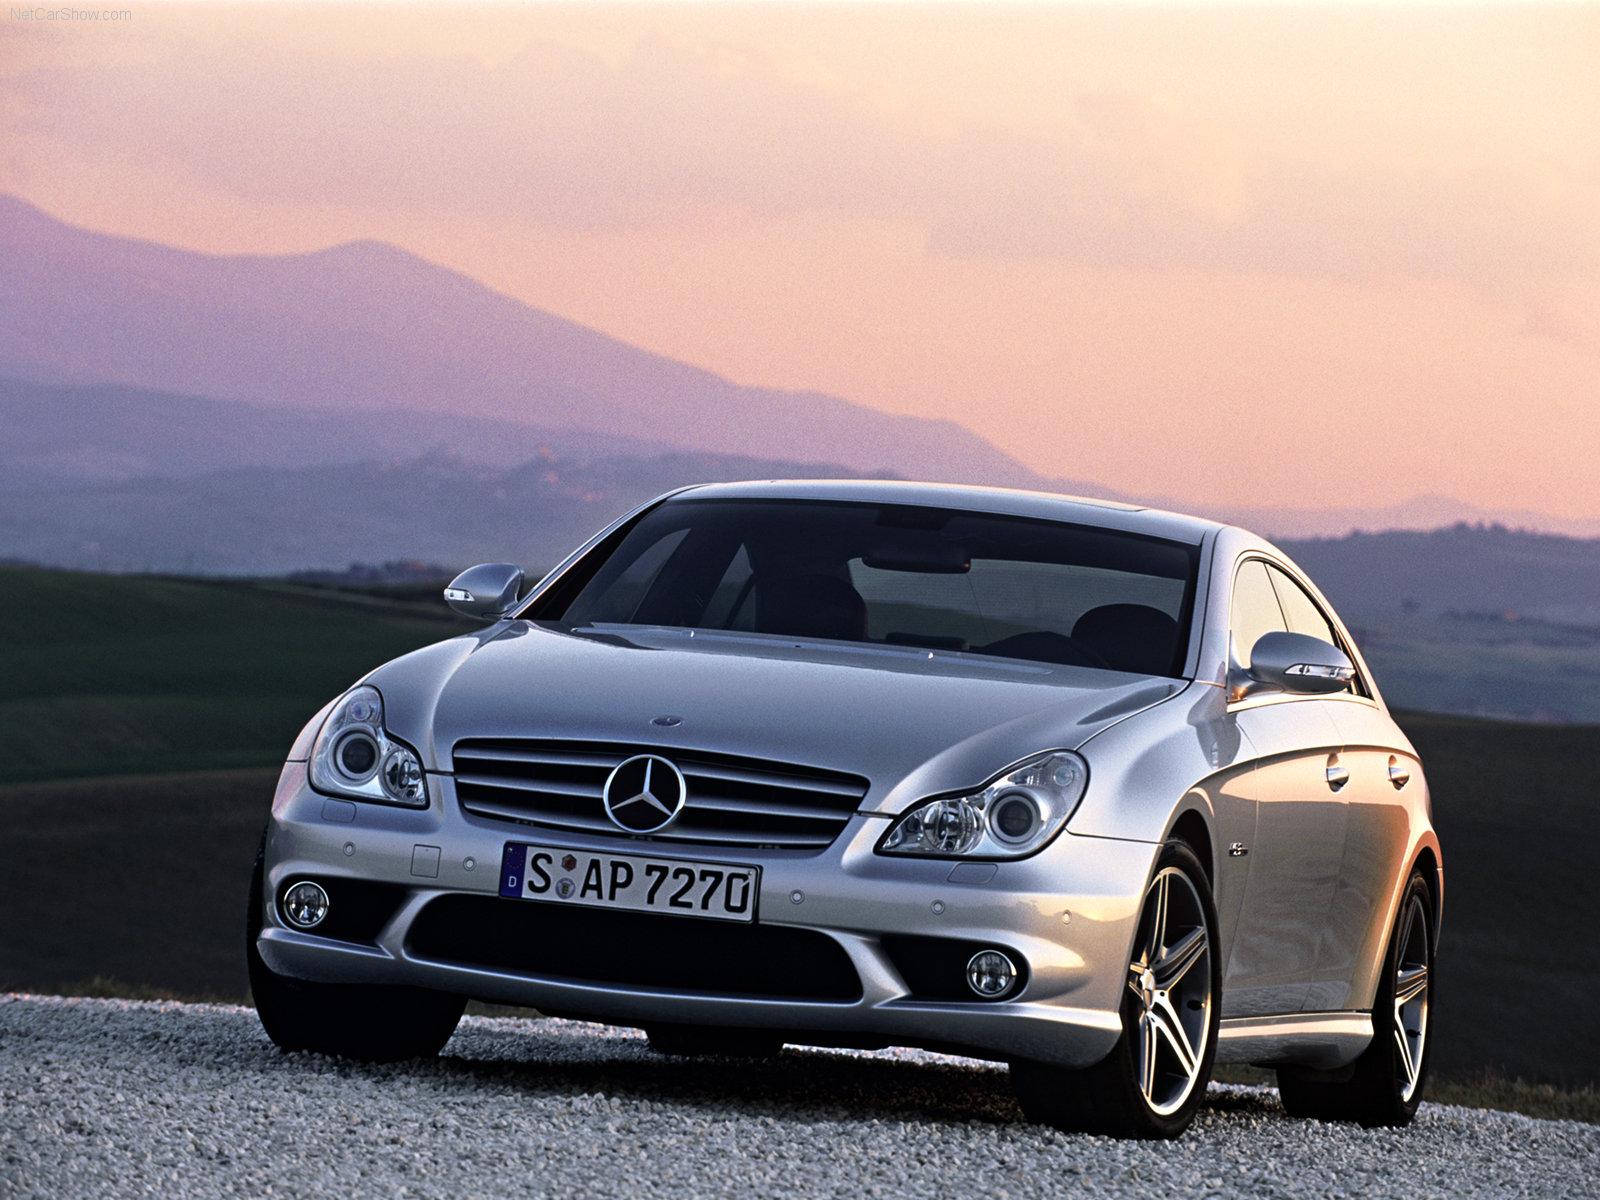 http://3.bp.blogspot.com/-JJKuB2Pdj3Q/UENsVZ_GNJI/AAAAAAAADzc/0151rjo_uFw/s1600/Mercedes-Benz-CLS_63_AMG-2007-wallpaper.jpg